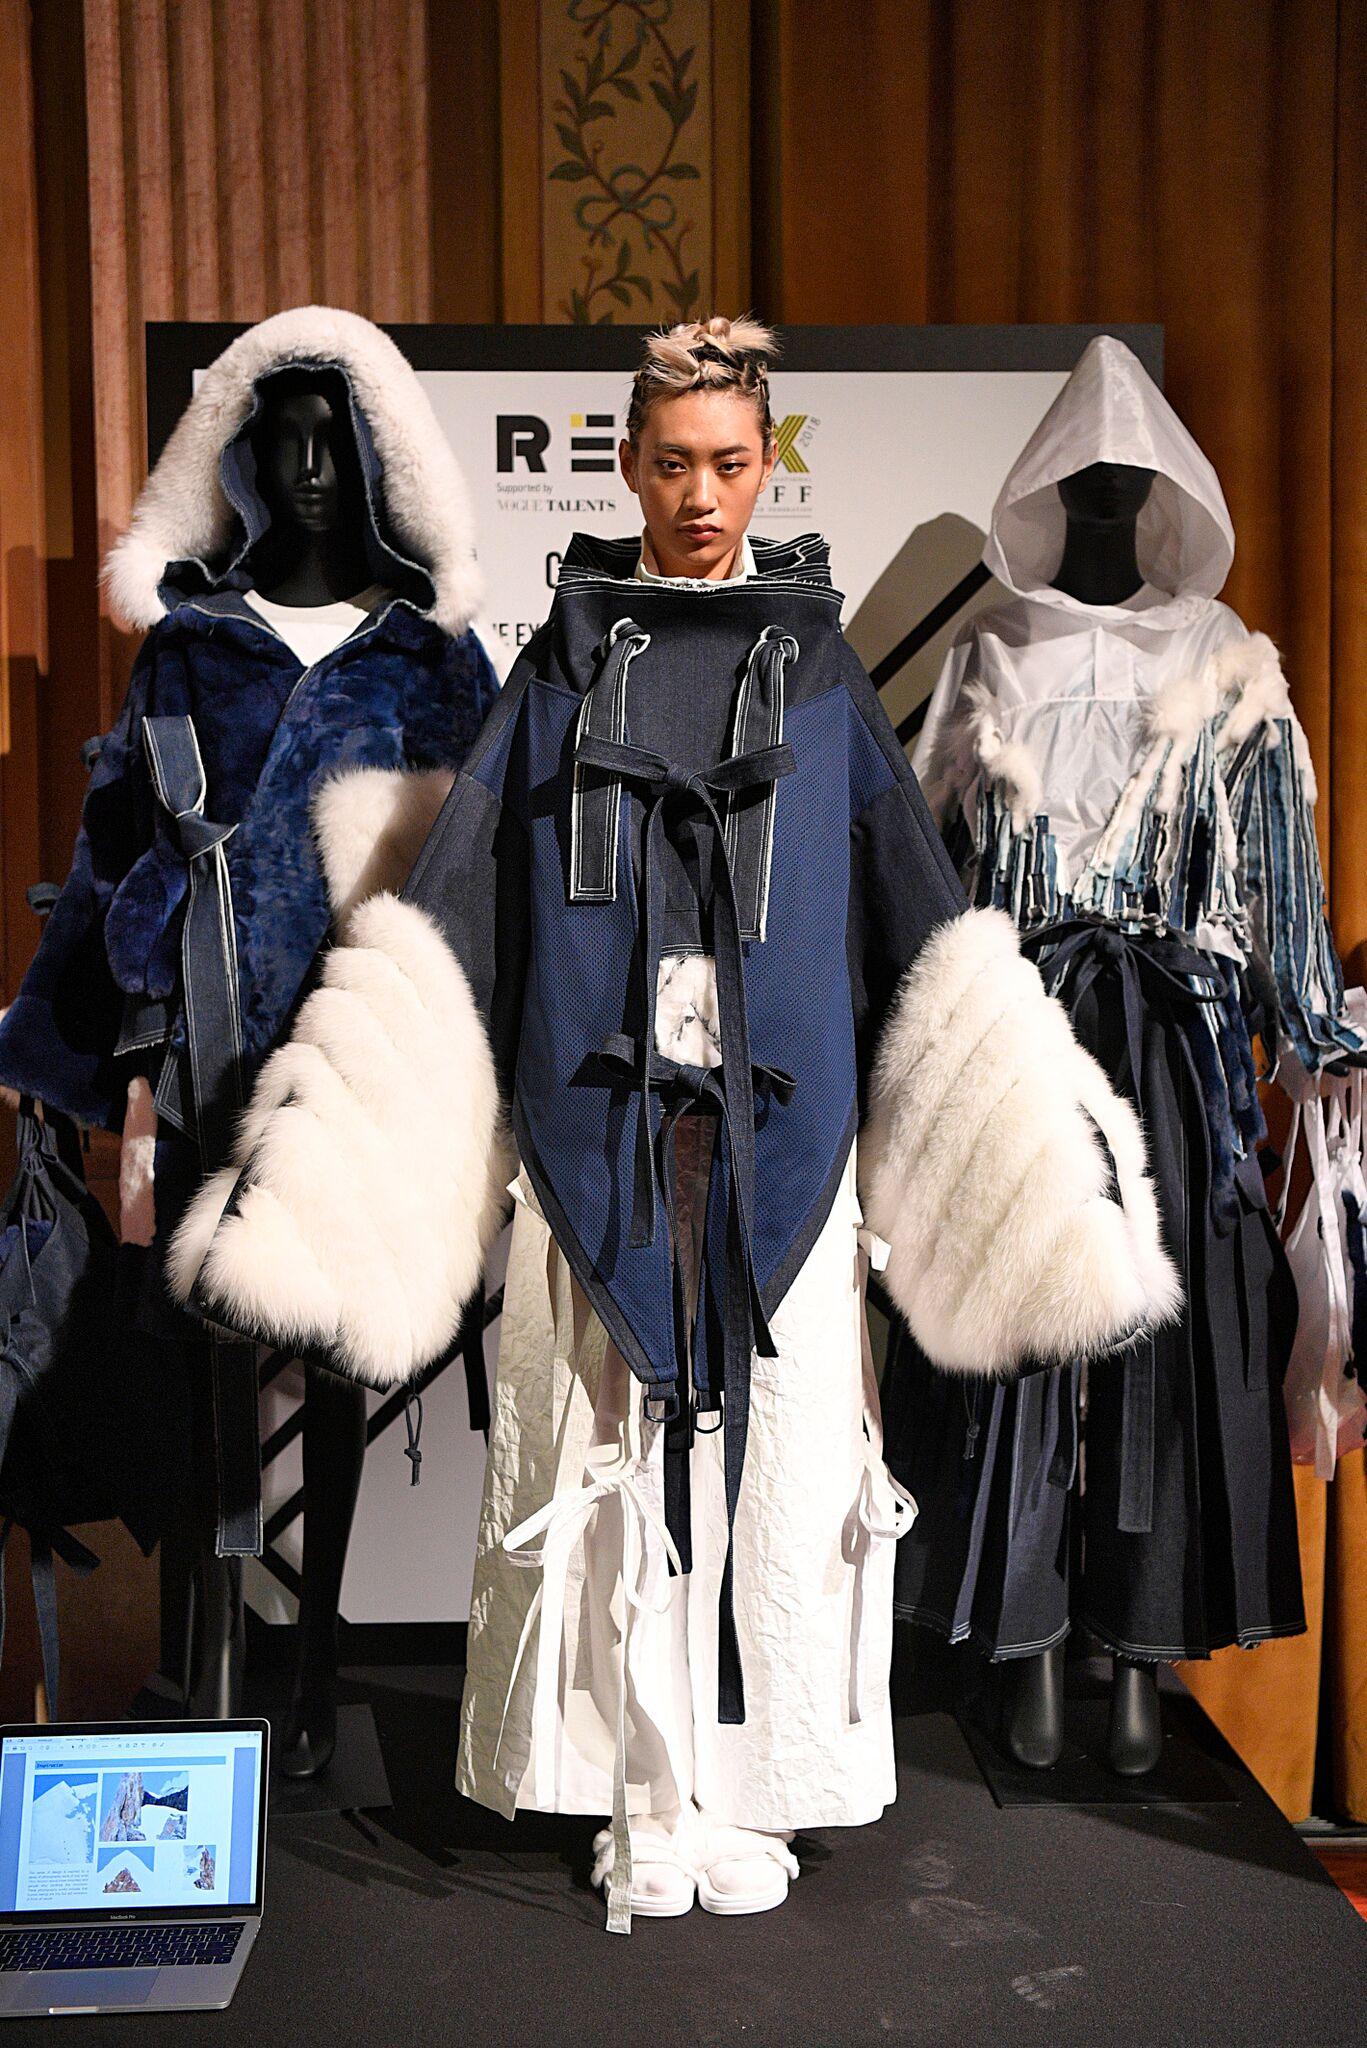 在2月26日在米兰举行的全球皮草设计大赛(2018REMIX)国际总决赛中,我校服装与艺术设计学院服装与服饰设计中日合作班2017级毕业生刘春辰,获大赛金奖和最佳创意奖两项奖项,是大赛开办以来亚洲选手首次获得金奖。  (颁奖现场) 全球皮草设计大赛开办于2004年,它是国际毛皮协会为了支持新一代设计师创新和探索皮草新设计而创办,这项比赛提供了给世界各地富有才华的设计新秀一个绝佳的机会,这些选手可以在极具国际影响力的时尚名人面前展现他们的新颖设计并在国际上崭露头角。自大赛开办以来,共有25个国家的上千位学生